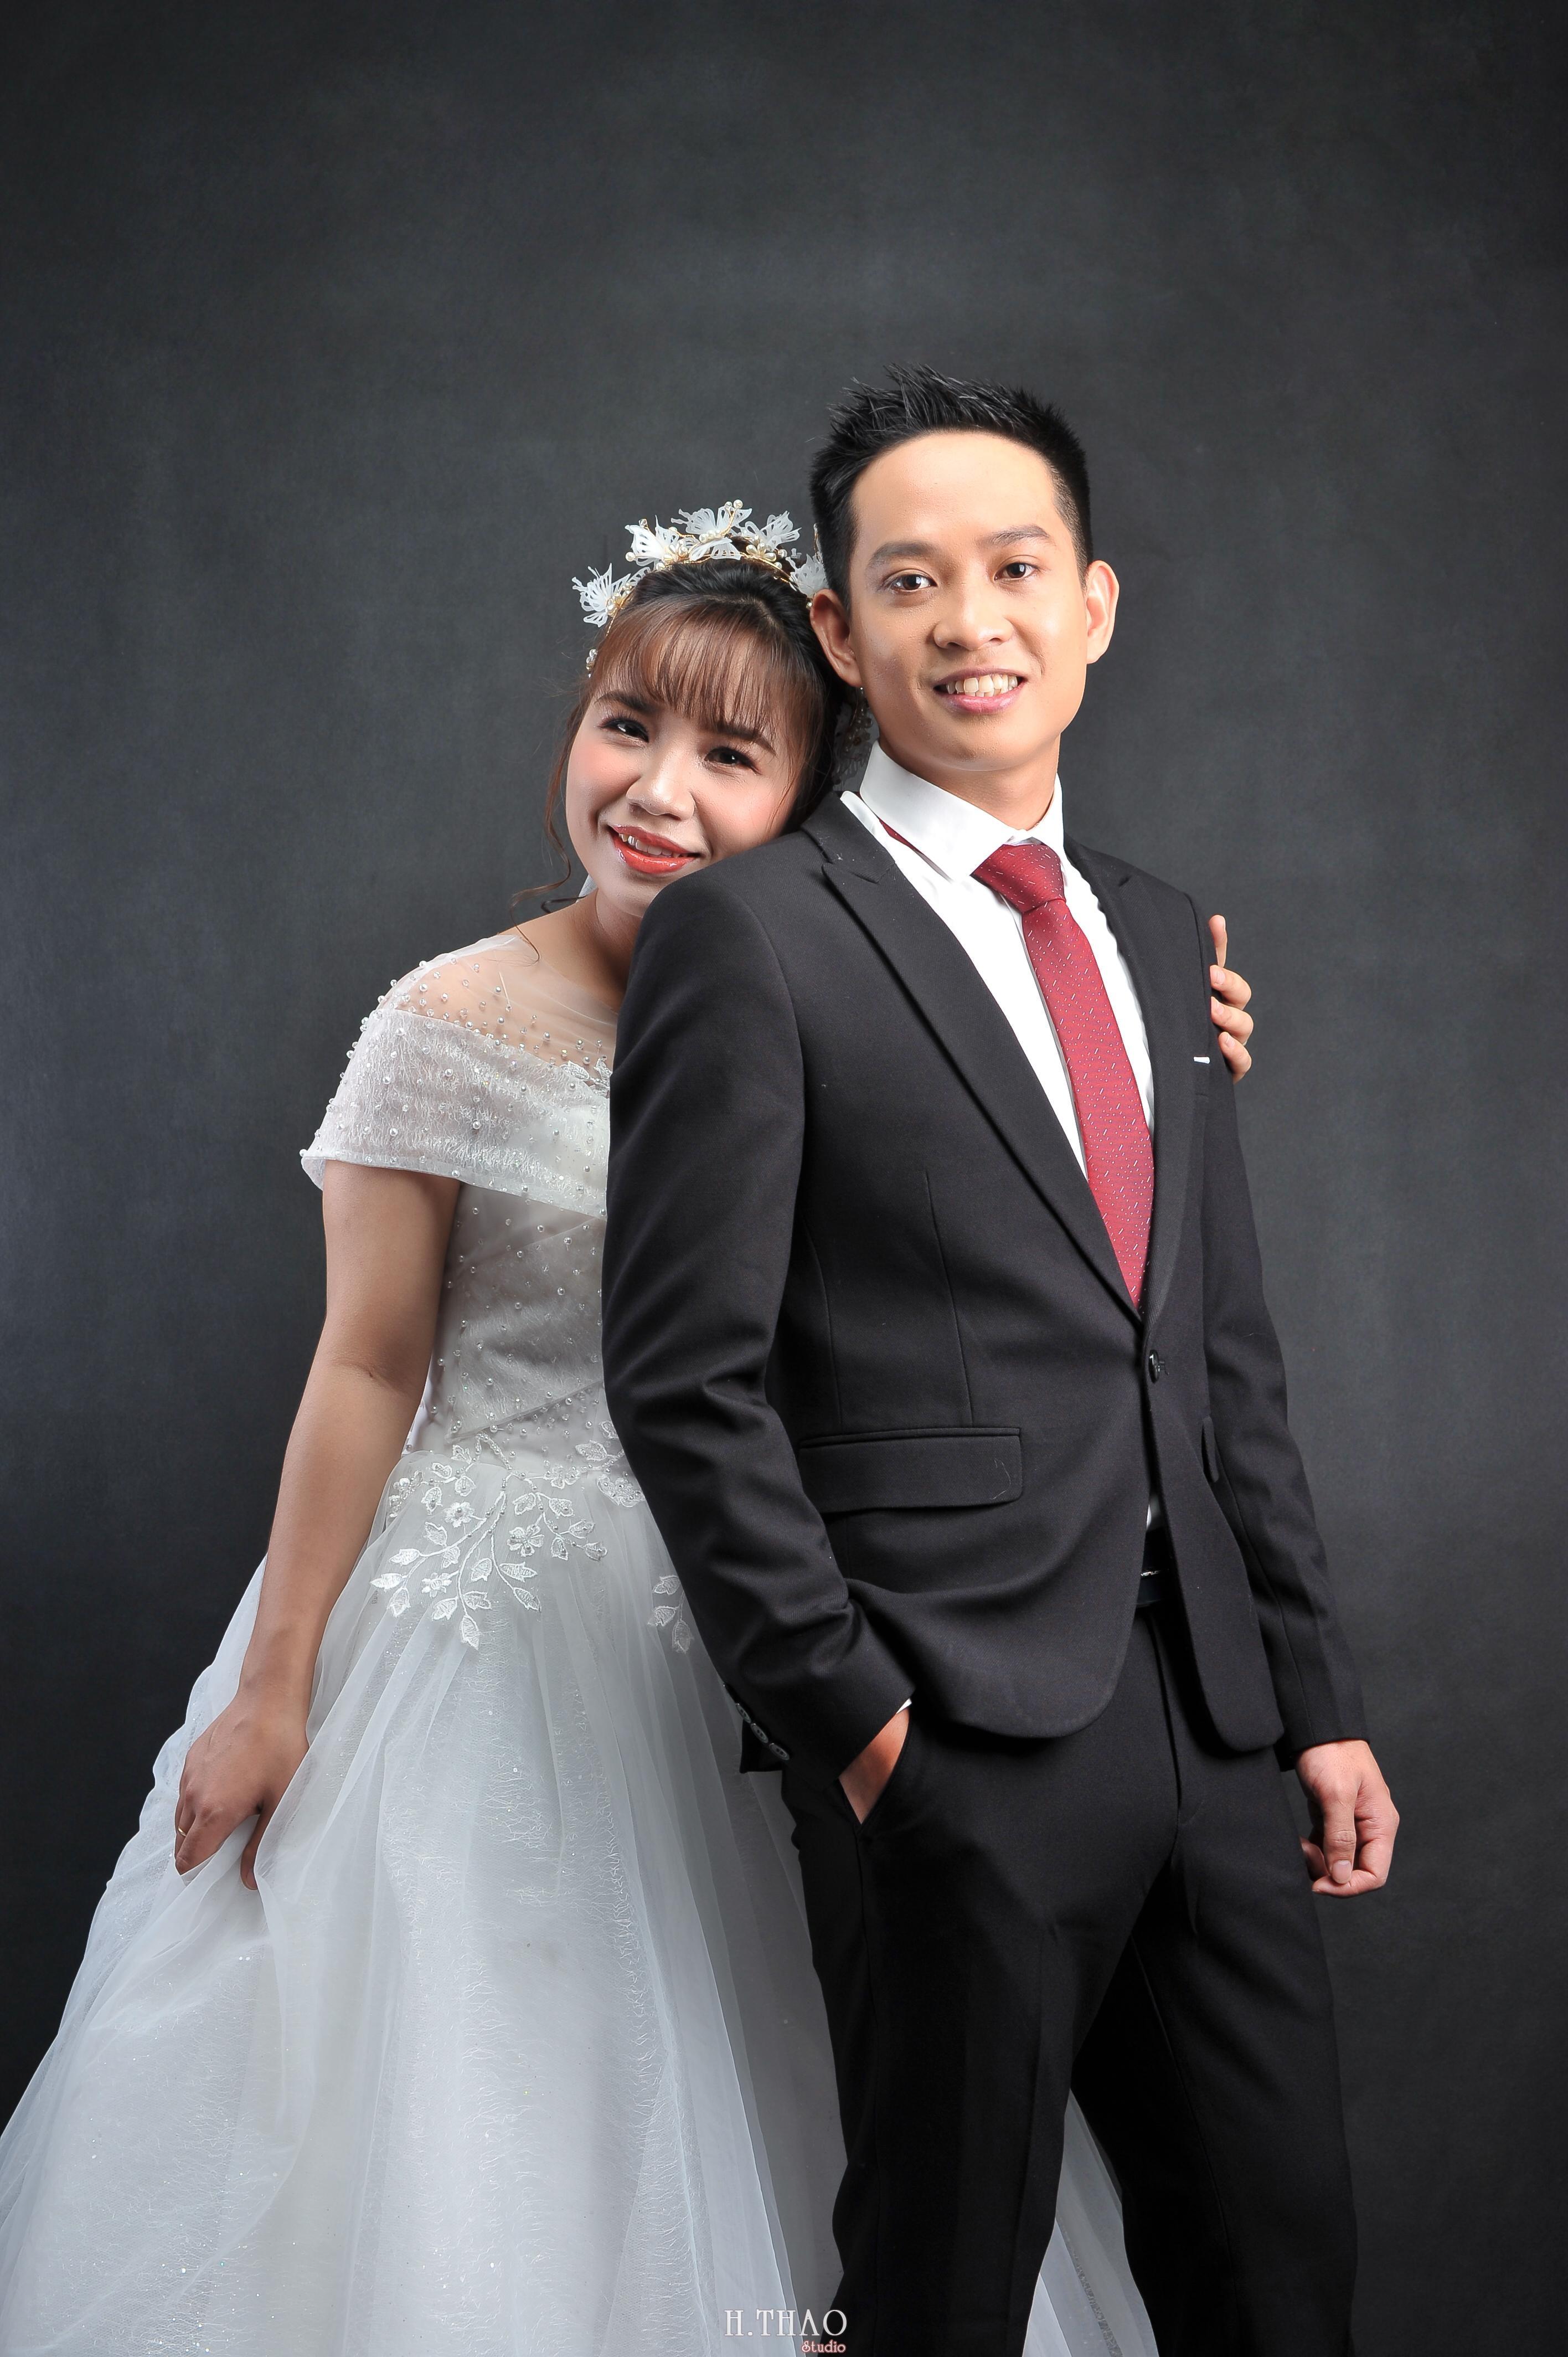 Anh cuoi style Han quoc 2 min - Chụp ảnh cưới đơn giản mà đẹp tại studio – HThao Studio Tp.HCM